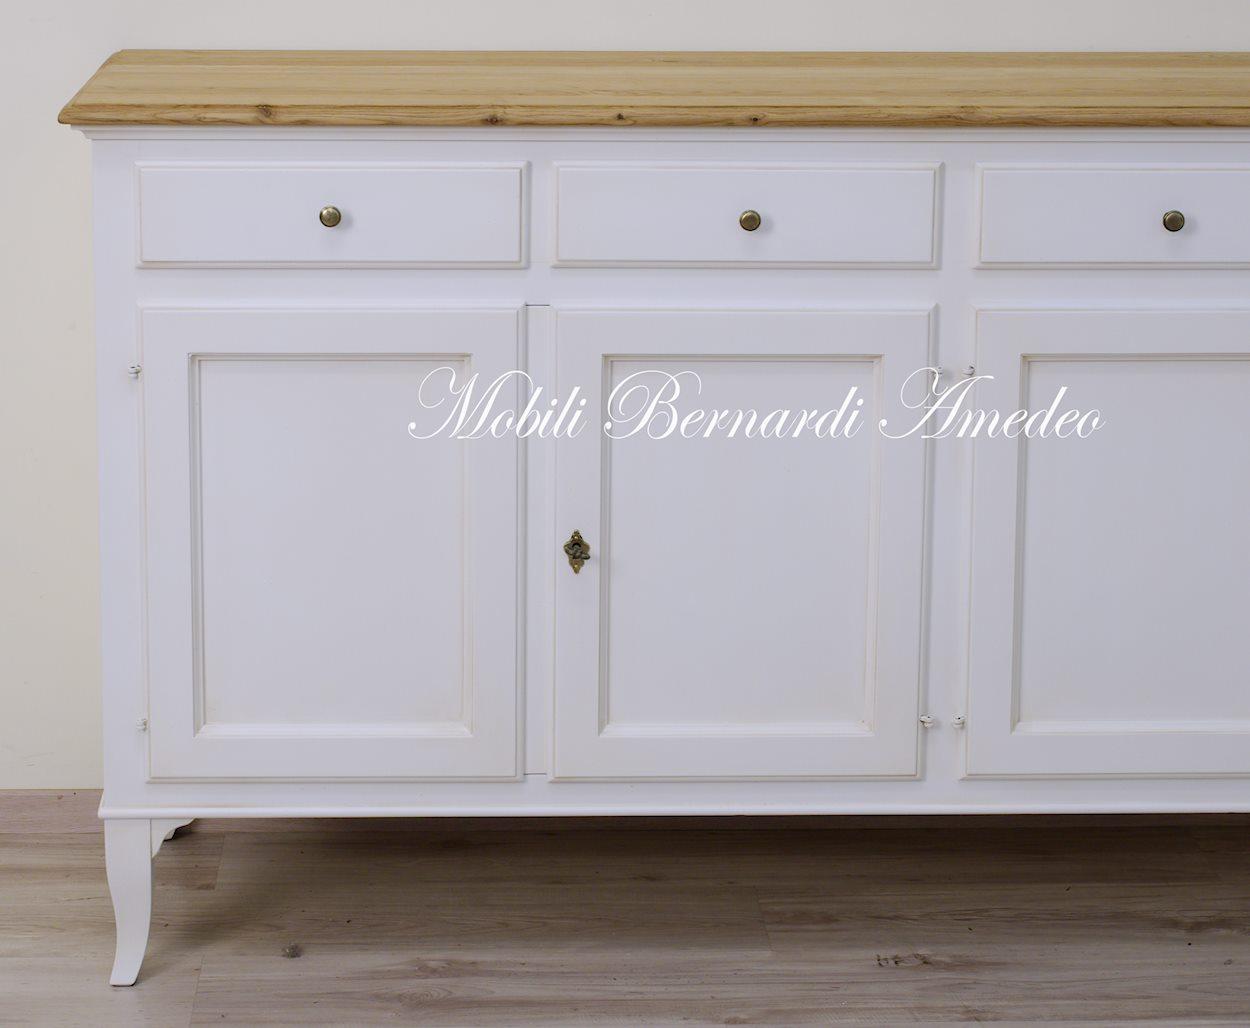 Credenza Con Alzata Bianca : Credenze in legno massello stile 800 veneto